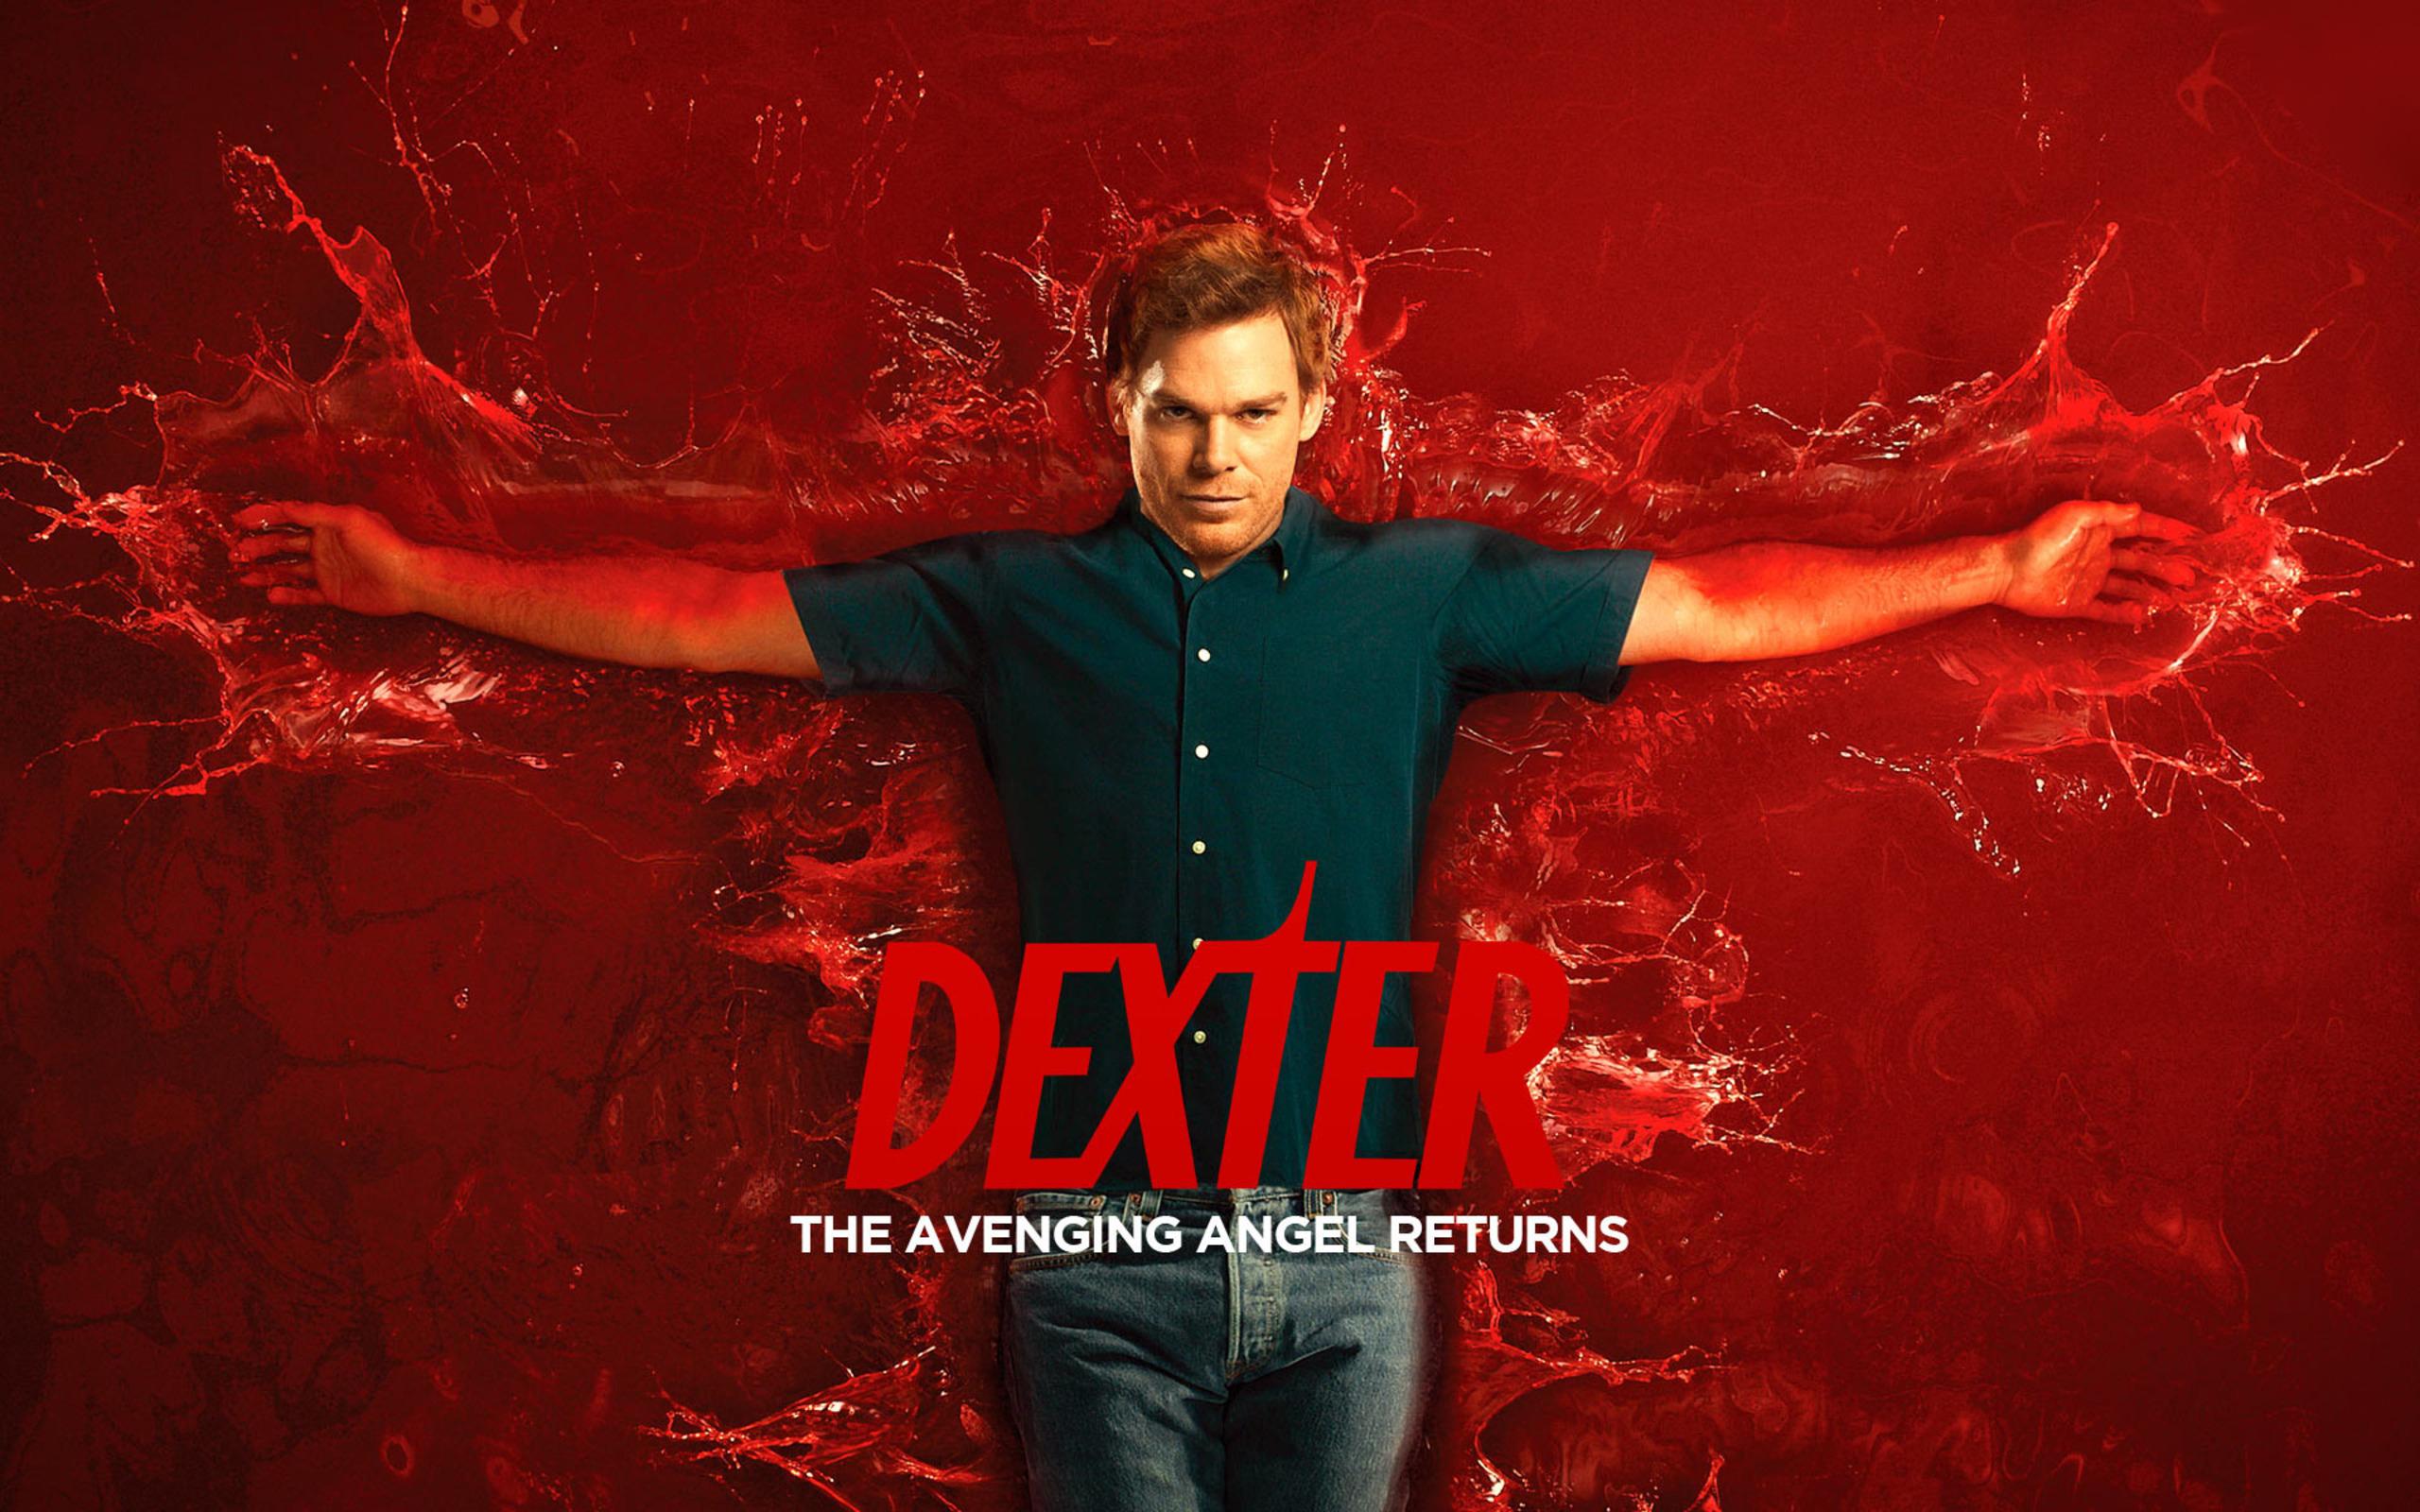 Dexter wallpaper 9